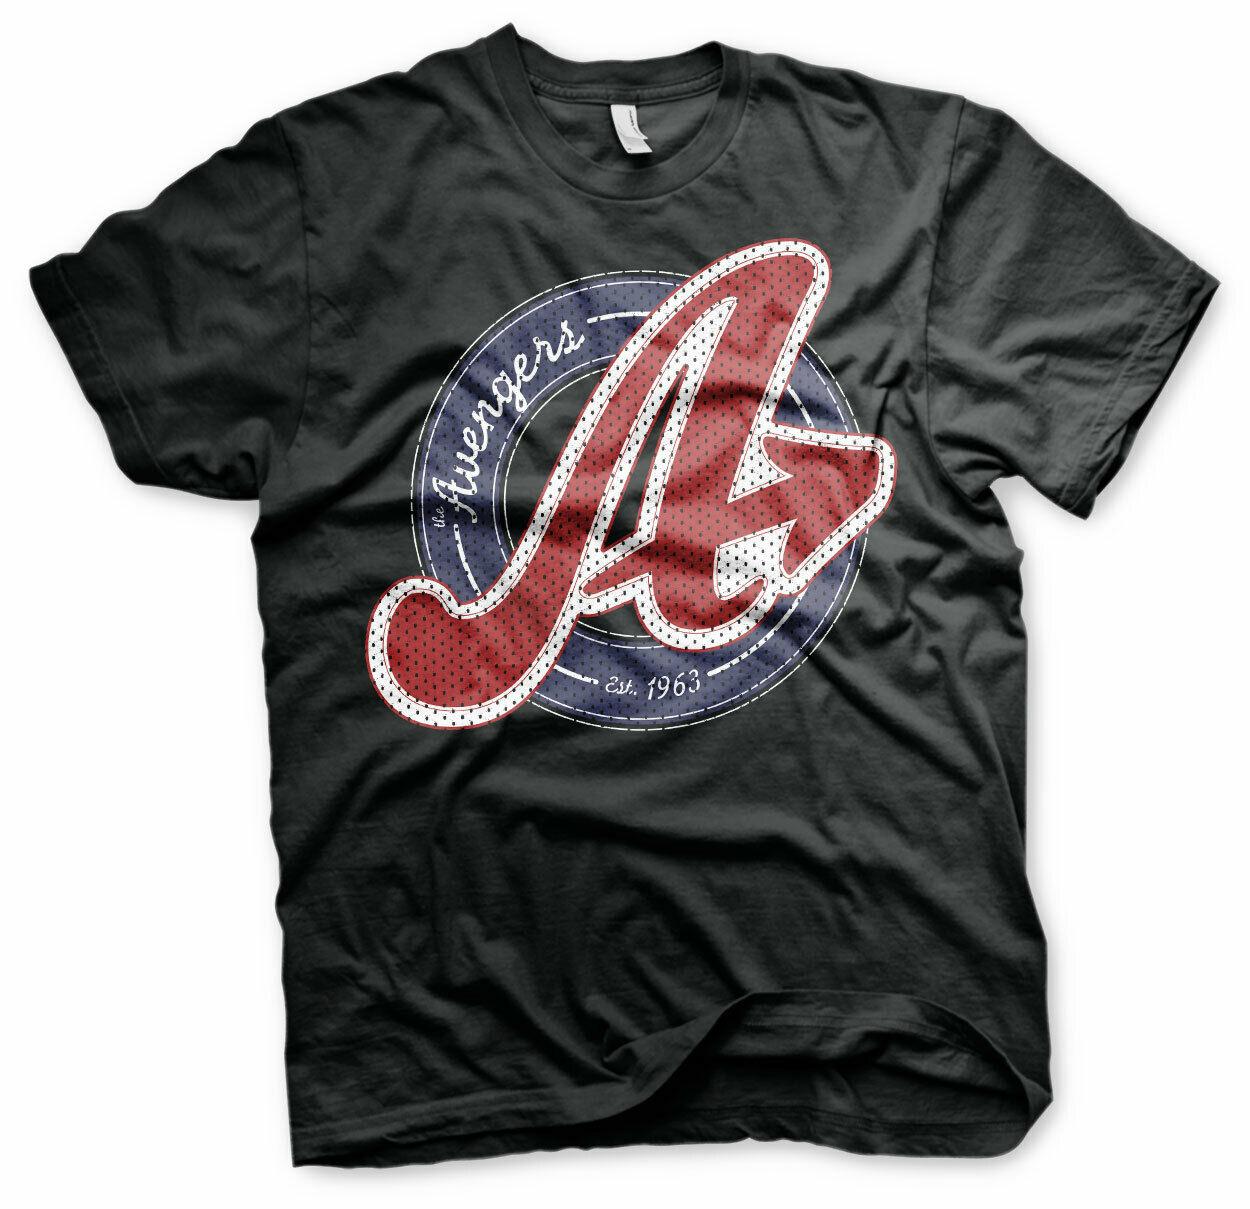 Sizes S Official Licensed Marvel Avengers Logo XXL Mens T-Shirt Tee